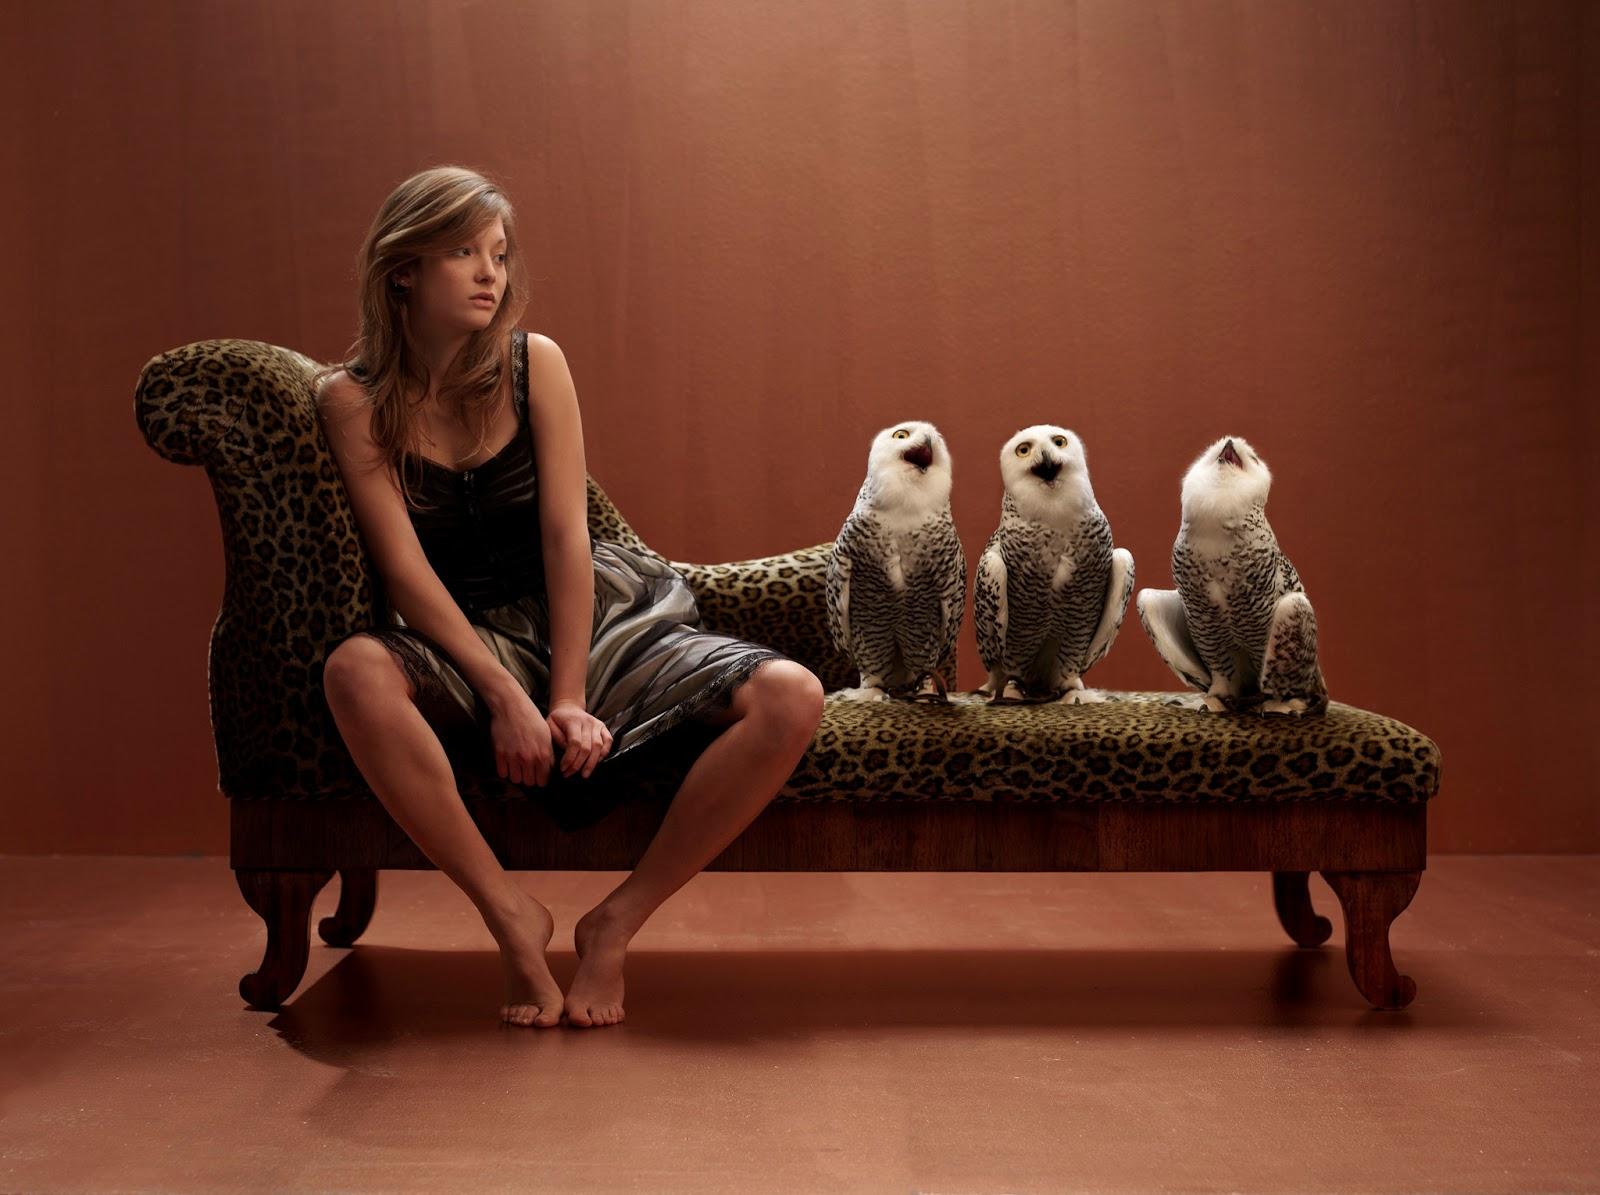 OFFmag: Annie Leibovitz